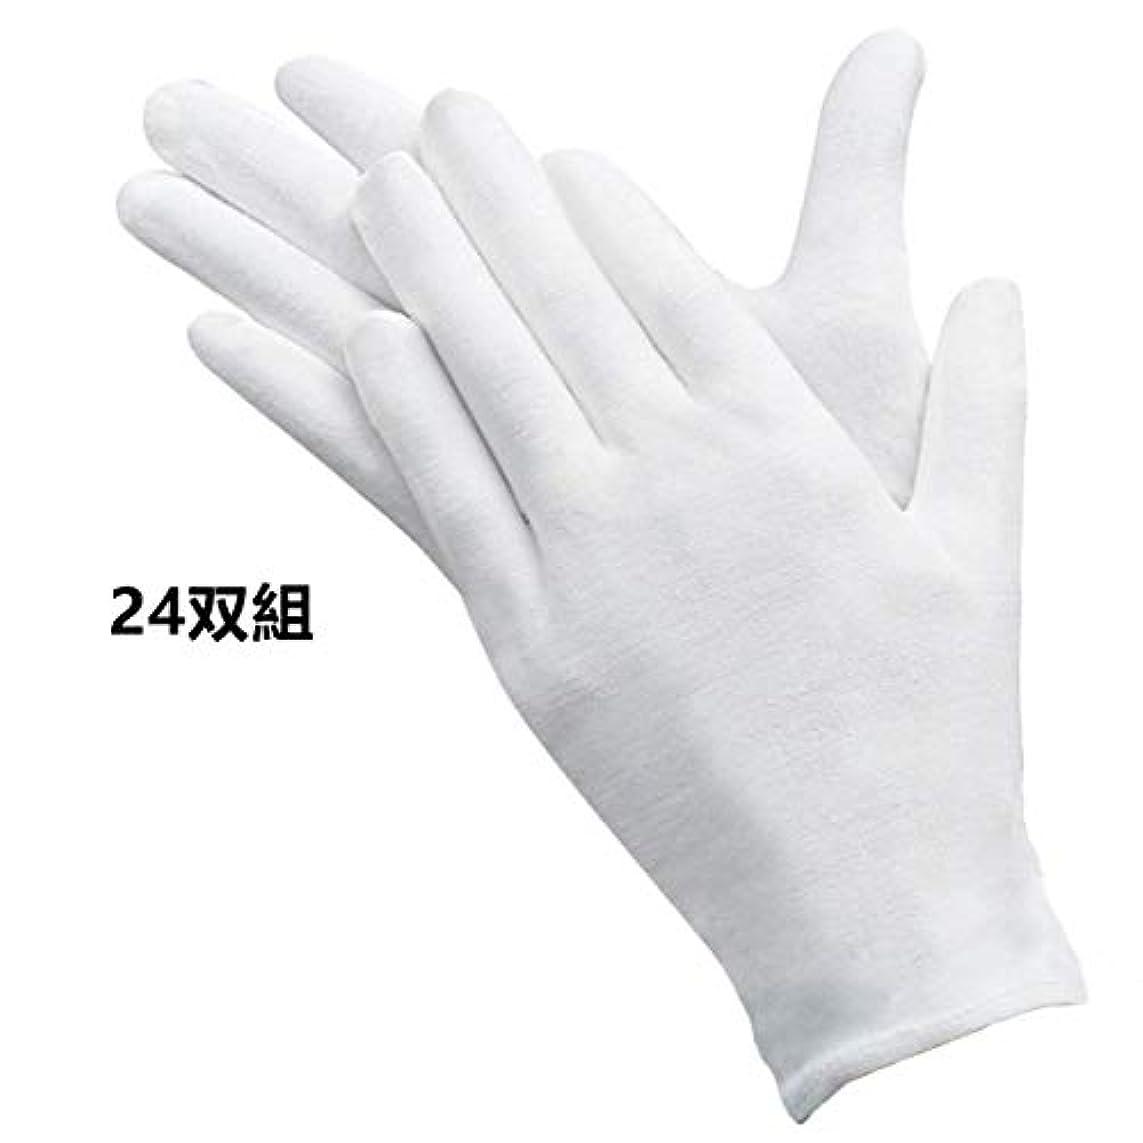 保証酸っぱいエラーwinkong 綿手袋 コットン手袋 純綿100% 24双組入り ホワイト 白手袋 メンズ 手袋 レディース 手荒れ防止 おやすみ 湿疹用 乾燥肌用 保湿用 礼装用 作業用